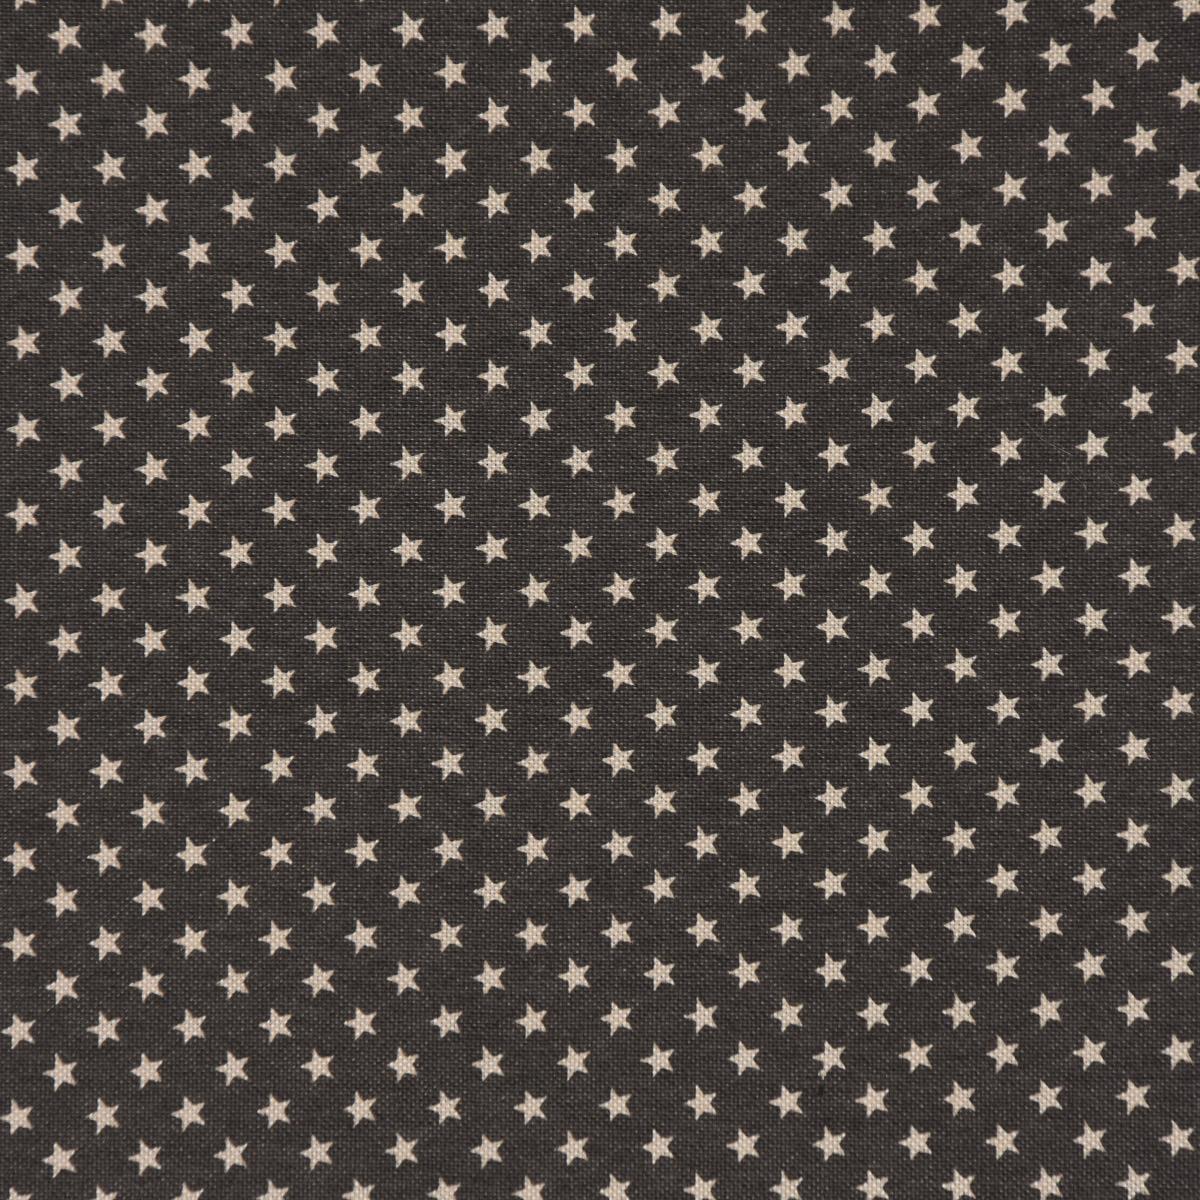 Dekostoff Baumwollstoff Weihnachten Sterne dunkelgrau natur 2,8m Breite